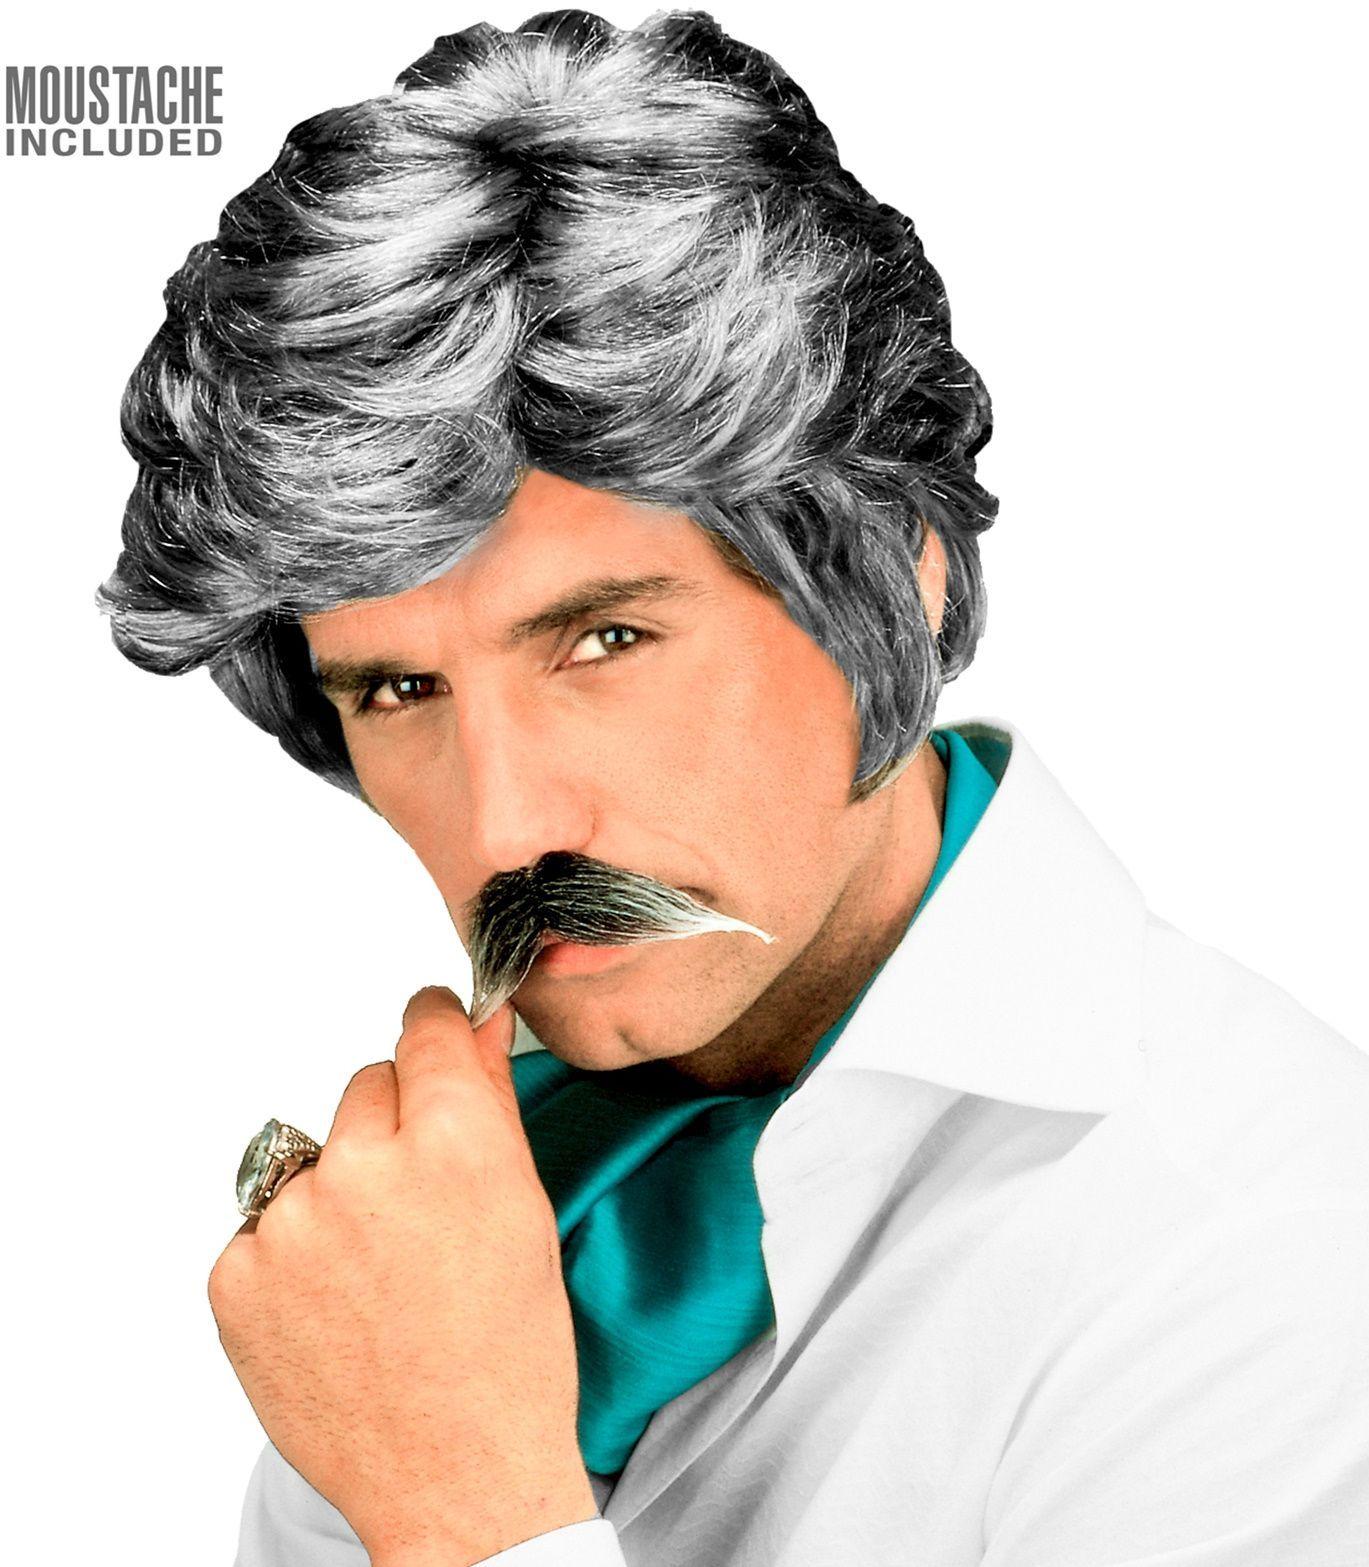 Grijze 80s playboy pruik met snor